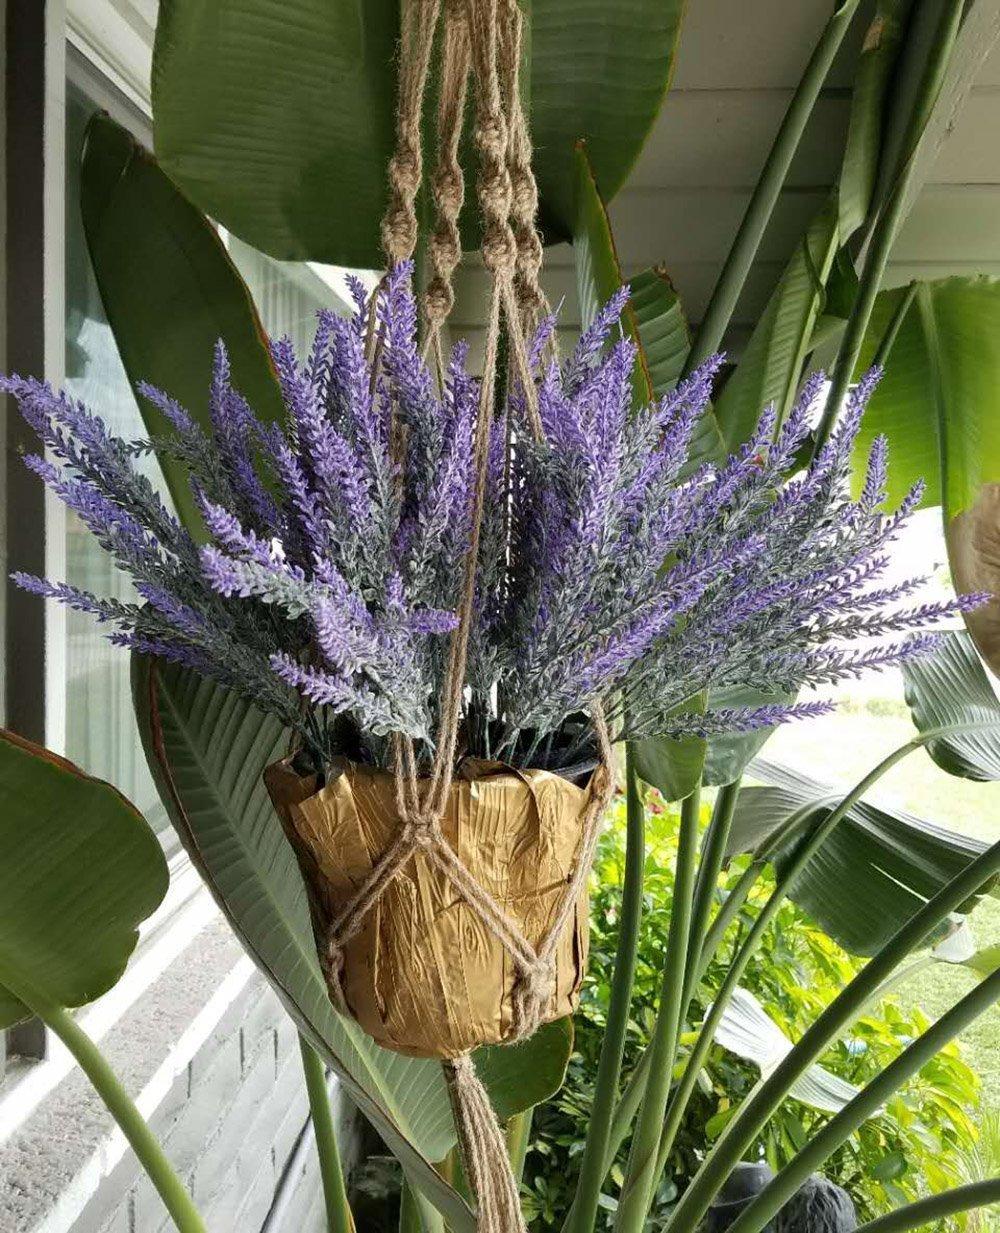 P-flowe-Plastic-Flower-Artificial-Flowers-Flocked-Lavender-Bouquet-Romantic-Fake-Lavender-Bunch-Simulation-Plant-Flower-in-Purple-Artificial-Plant-Home-Wedding-Garden-Decor-4-Pcs-Purple